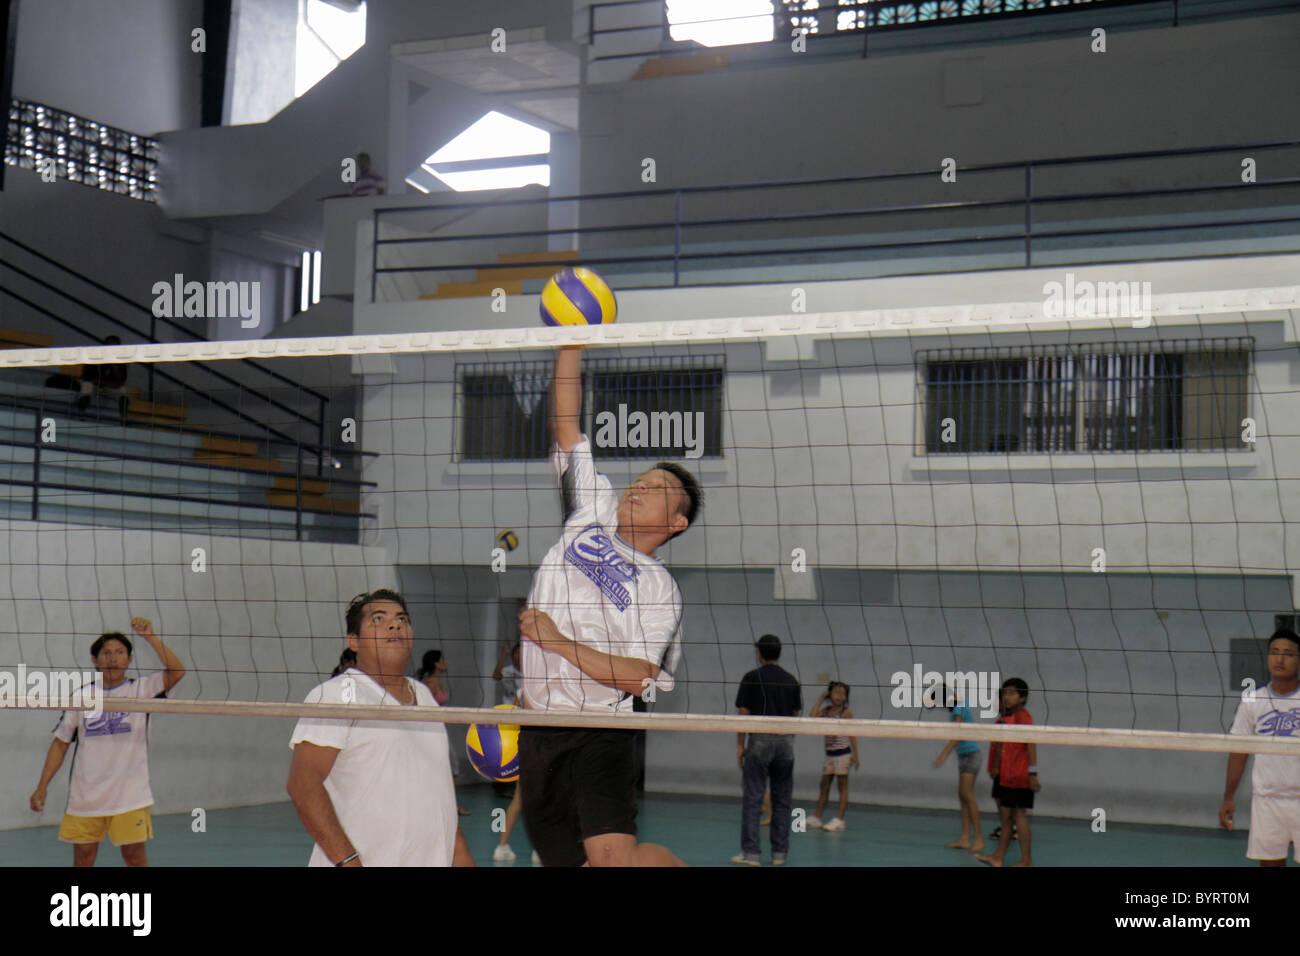 Città di Panama Panama Calidonia pallavolo palestra sport fitness atletica corte net uomo ispanico jumping Immagini Stock